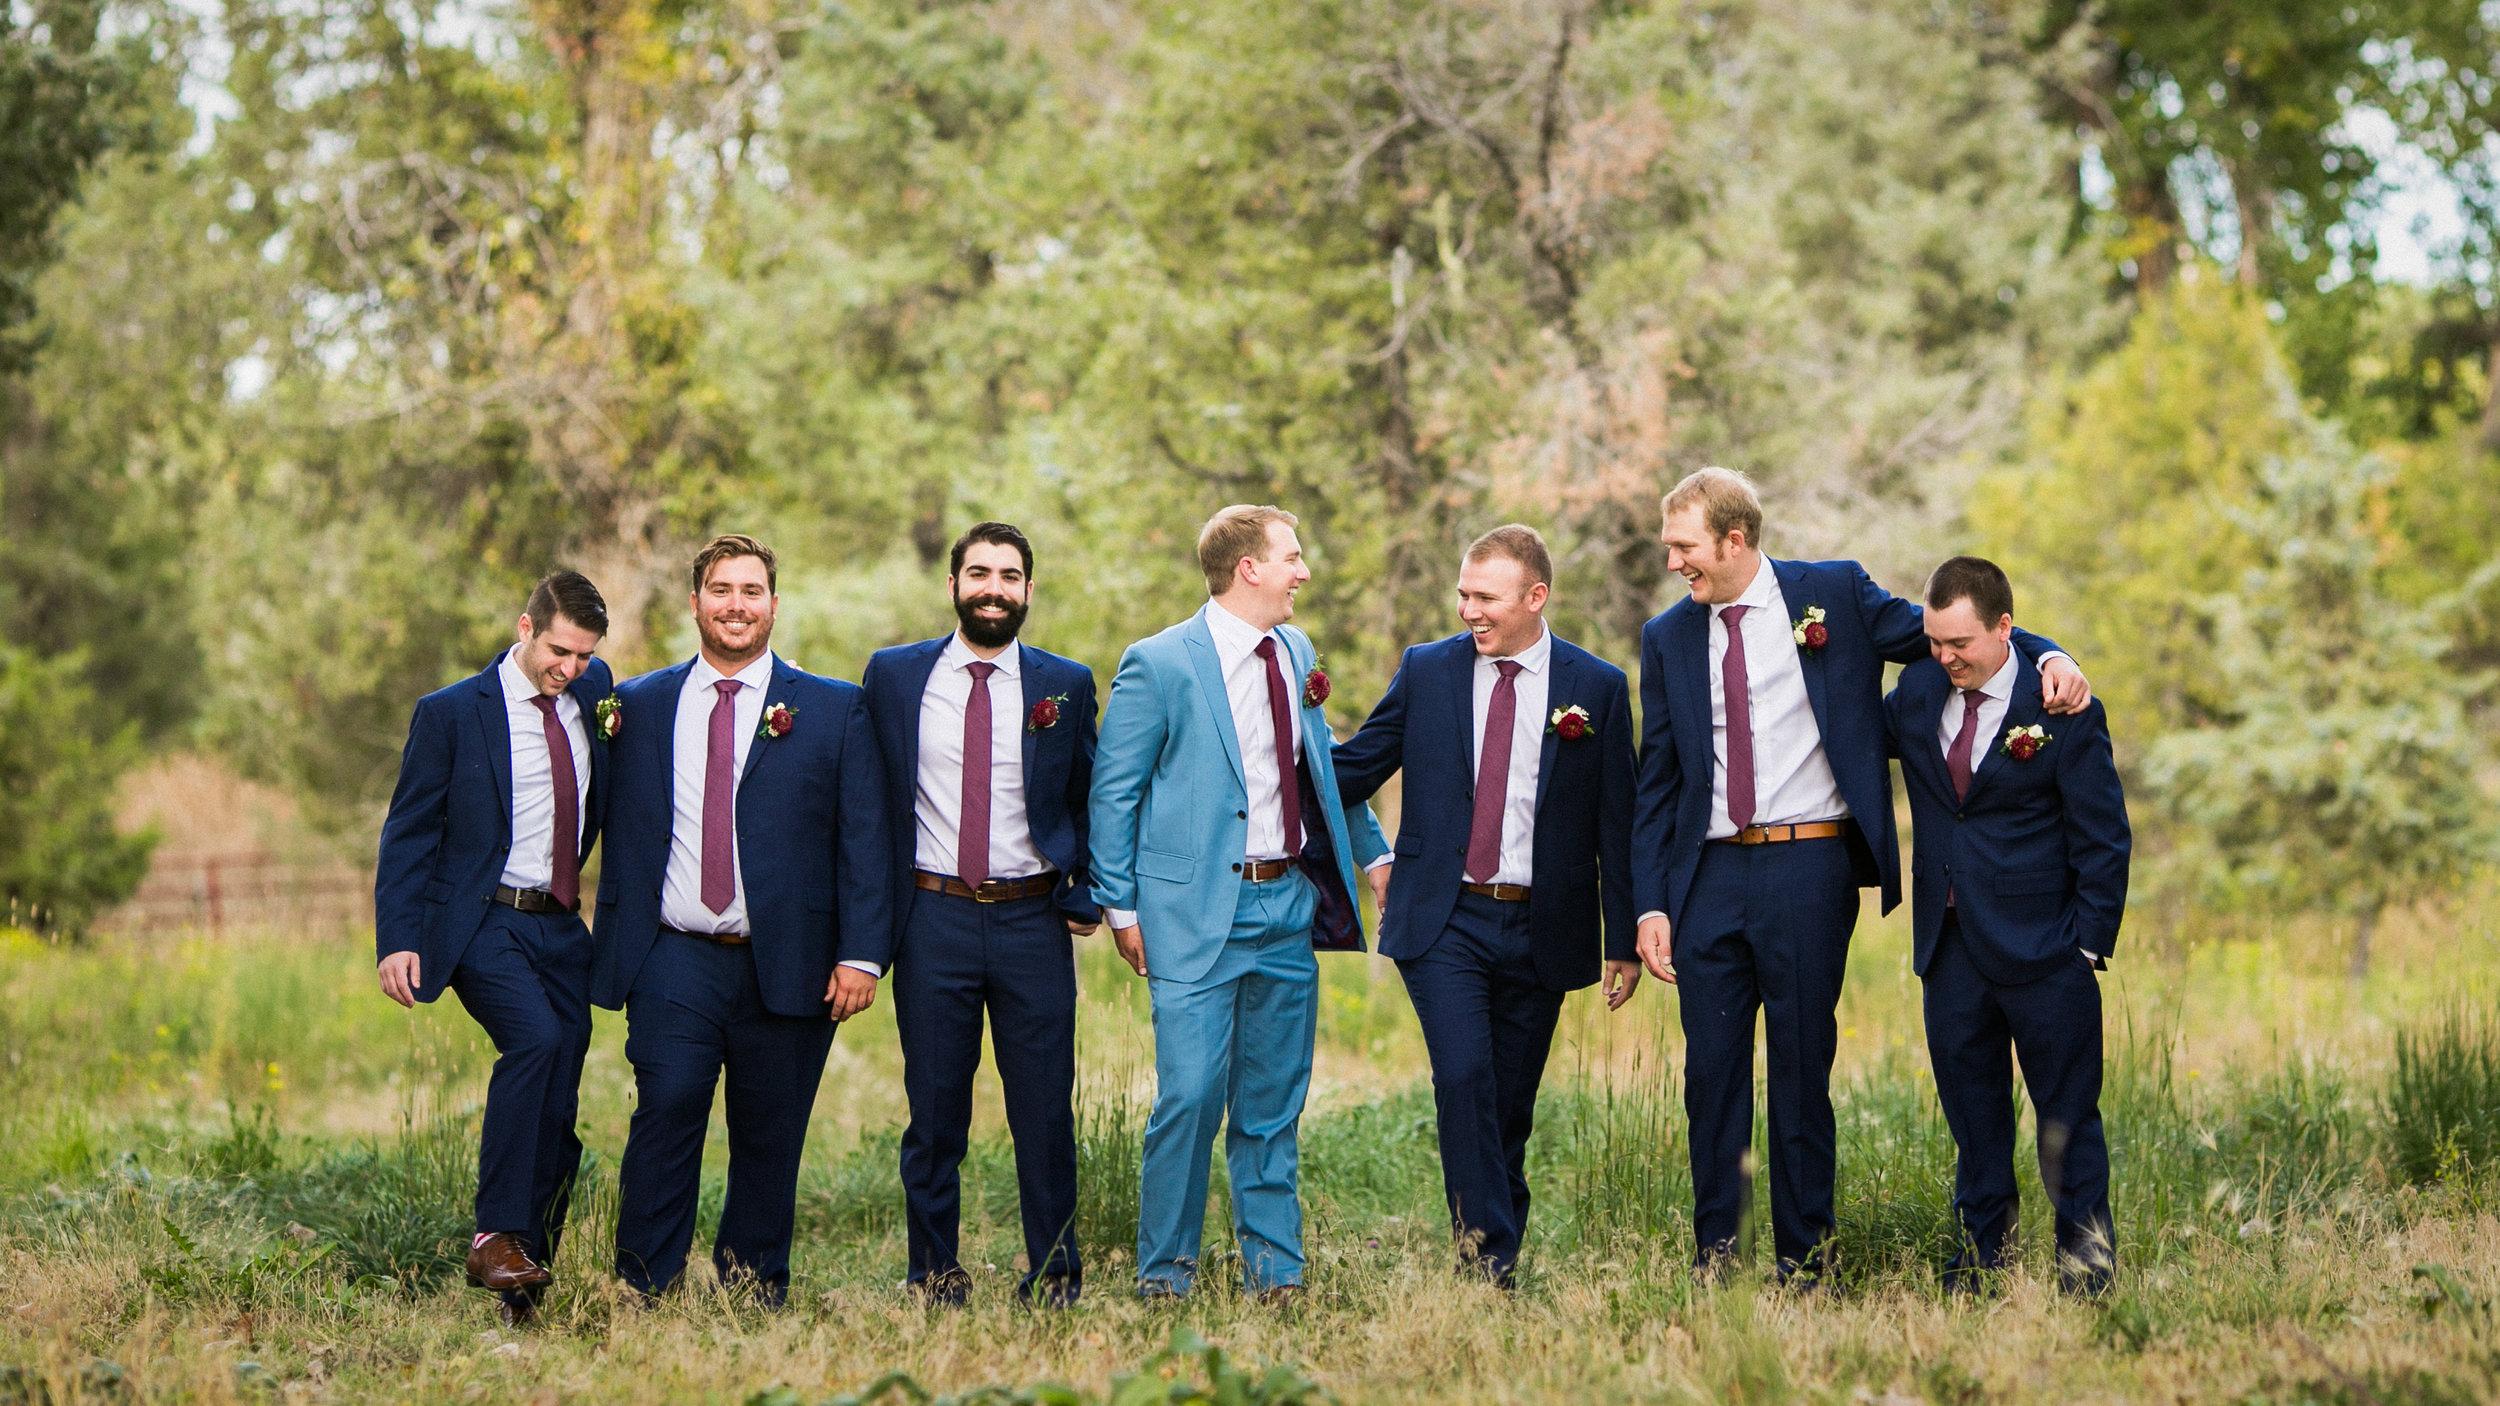 Groom - Wedding Day Photography